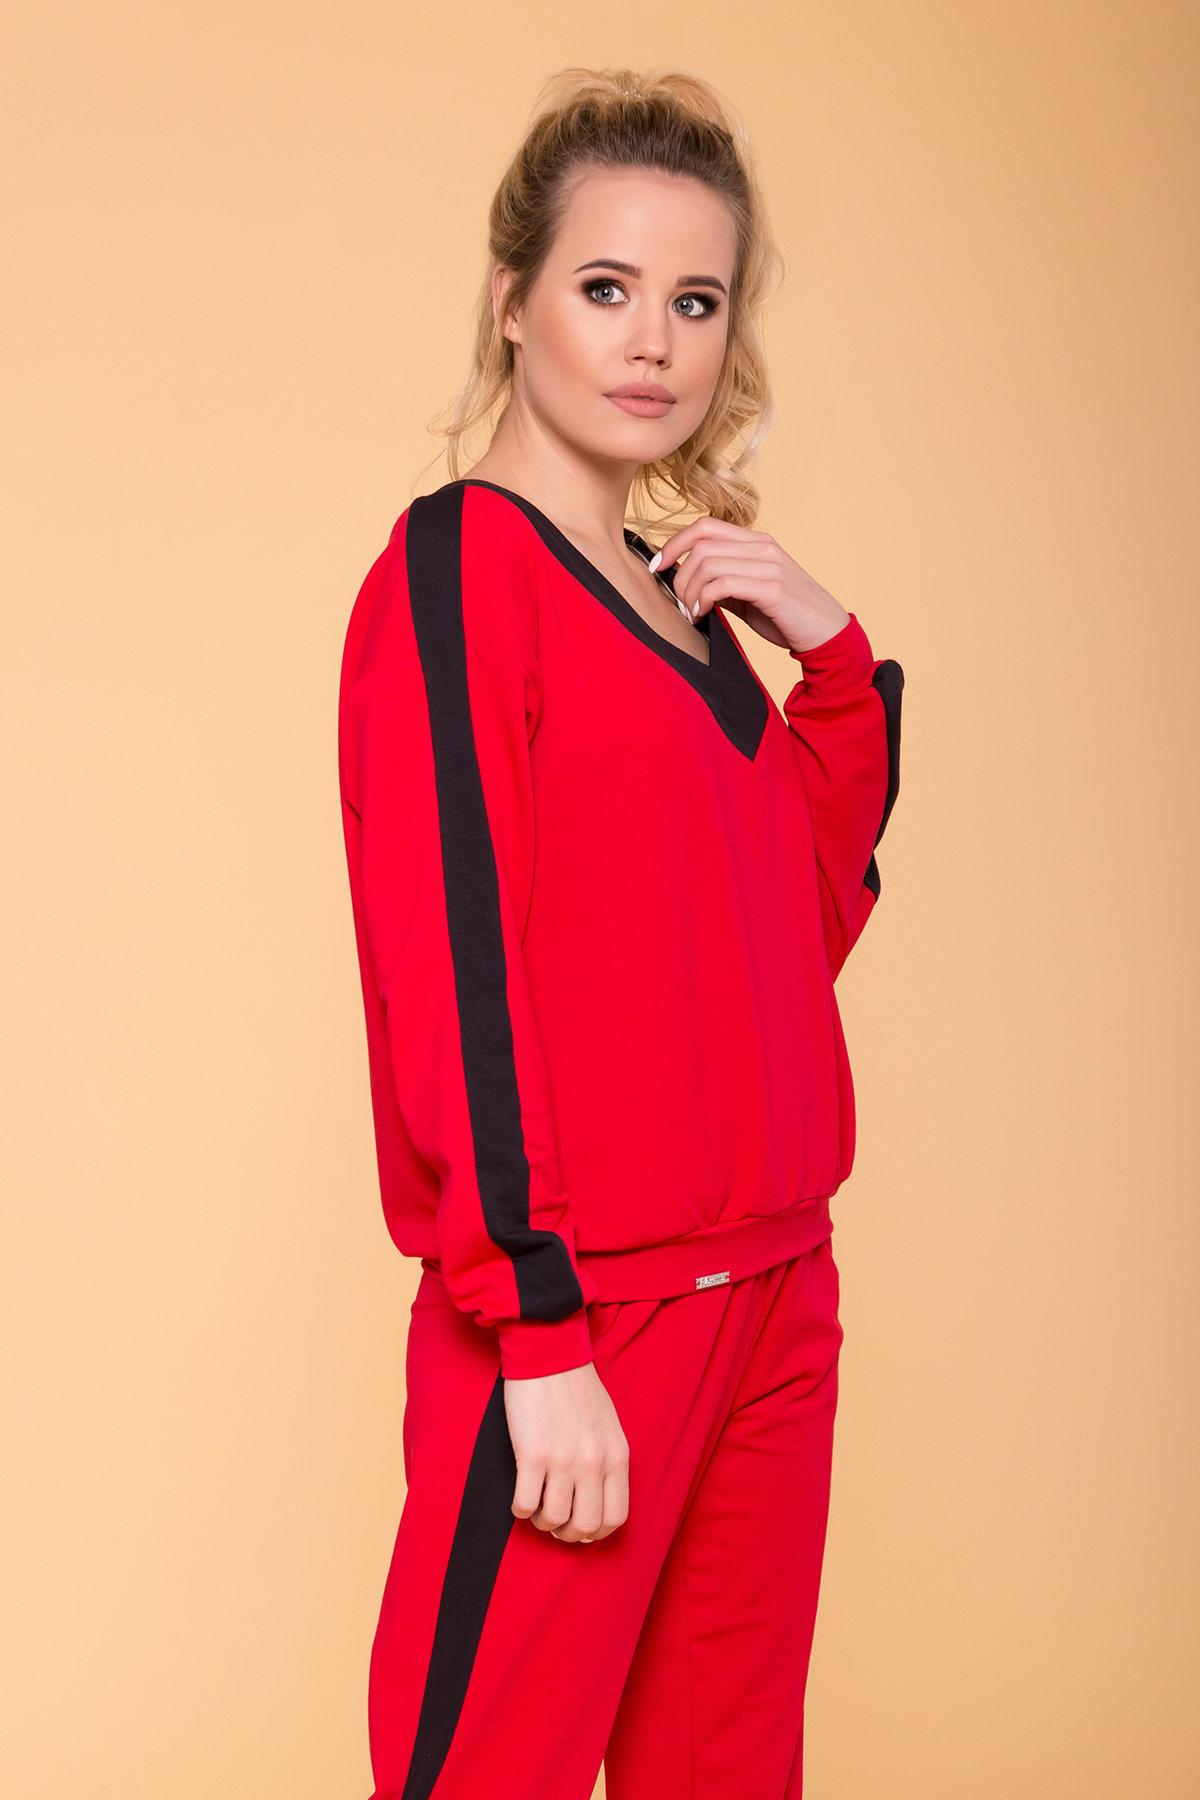 Костюм Стай 6736 АРТ. 41812 Цвет: Красный/черный - фото 3, интернет магазин tm-modus.ru